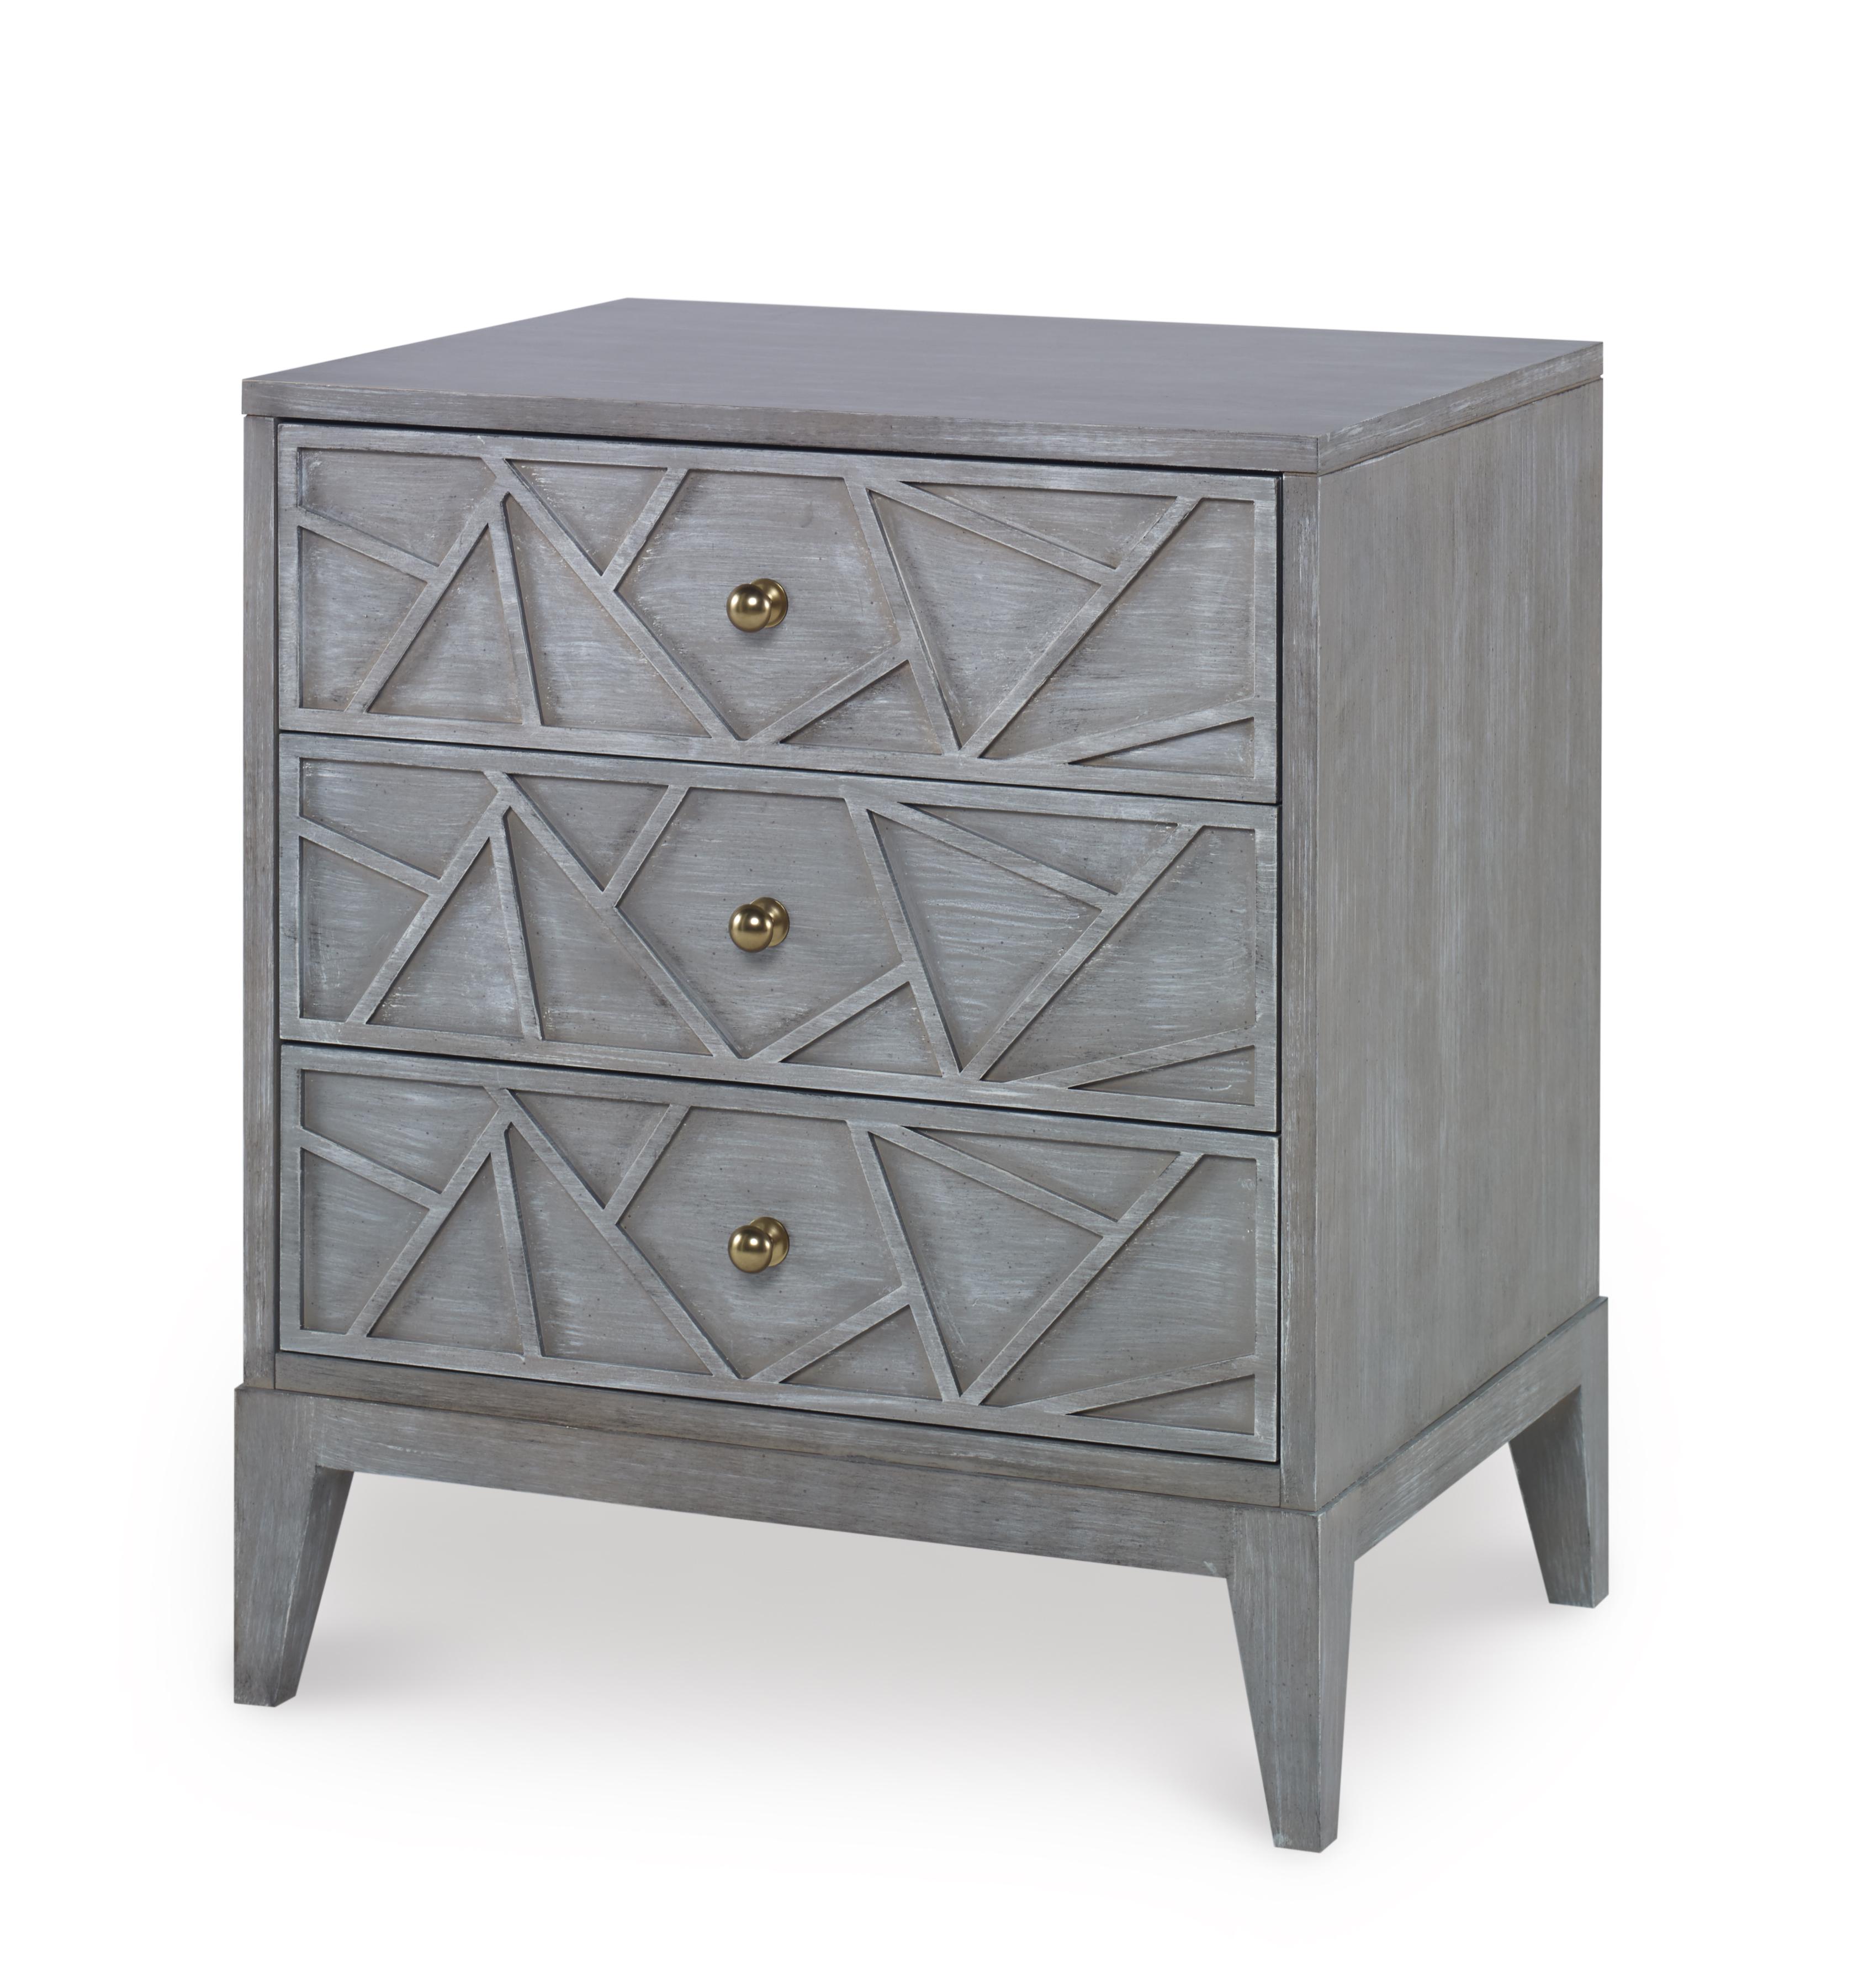 Century Furniture three drawer nightstand